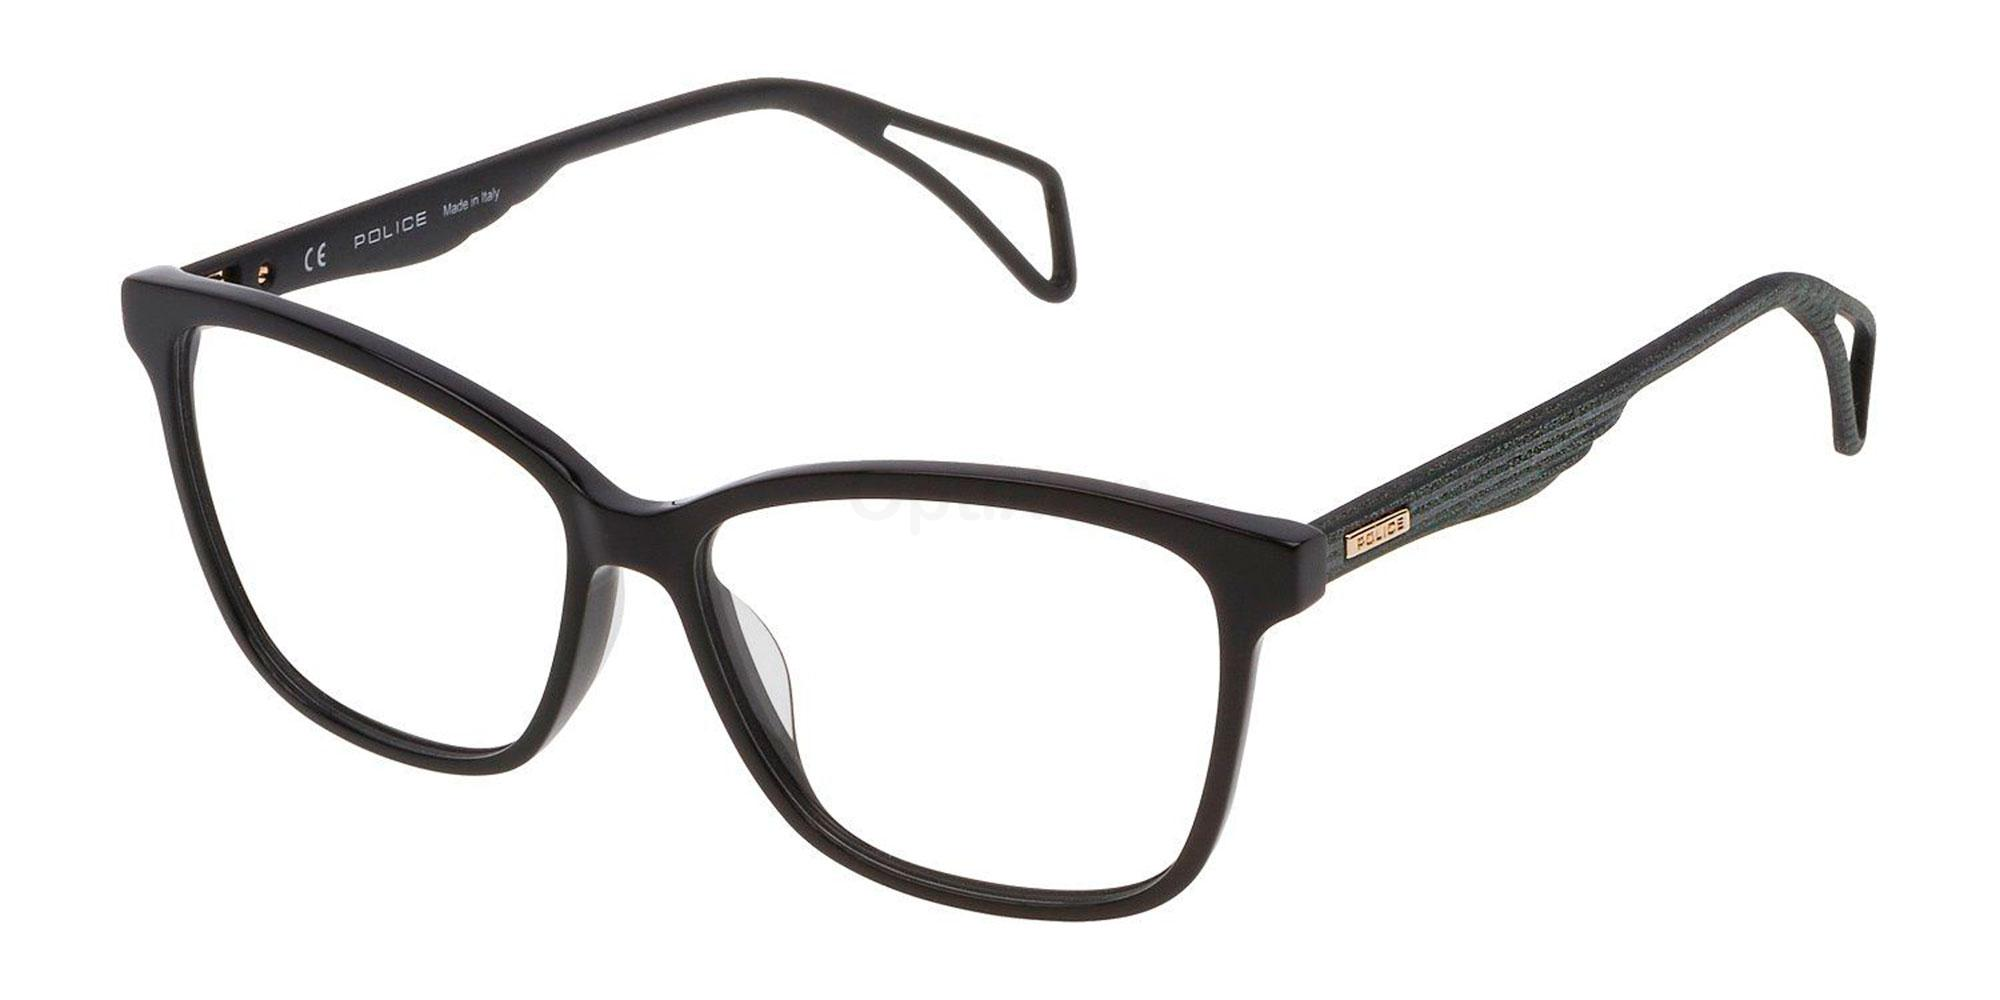 0700 VPL731 Glasses, Police